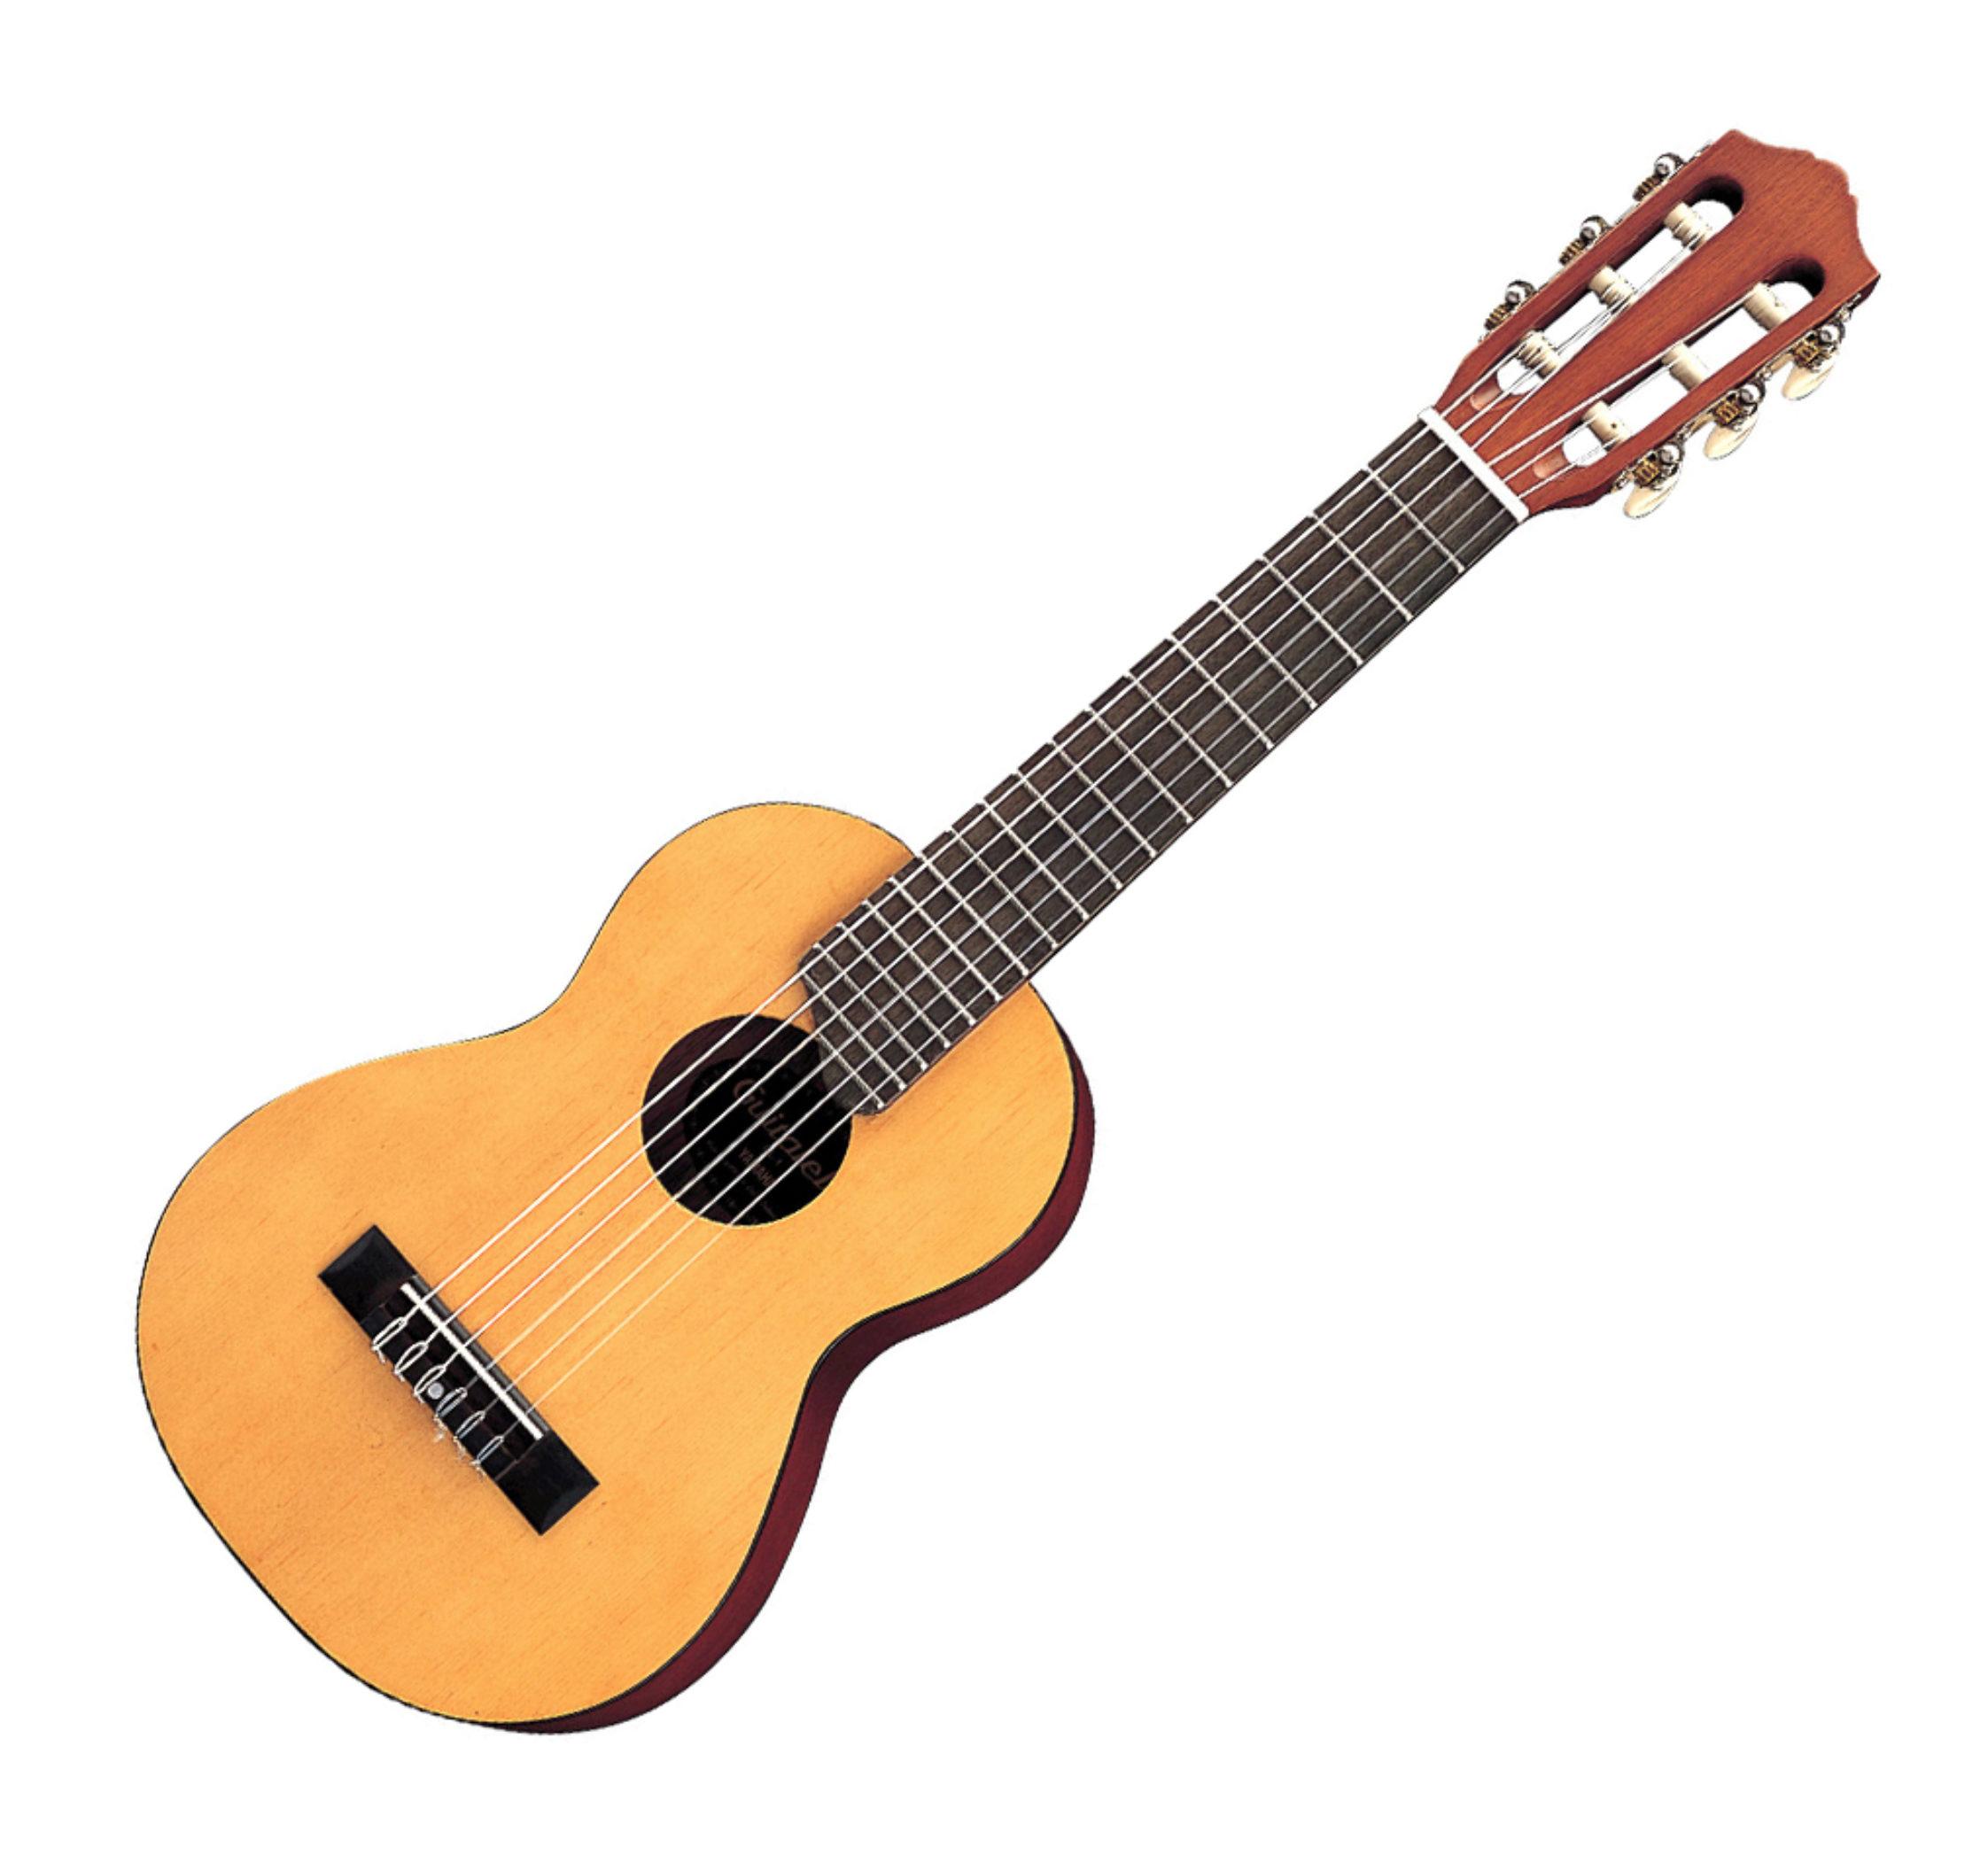 Apprendre la guitare : débarrassez-vous de ces croyances limitantes !